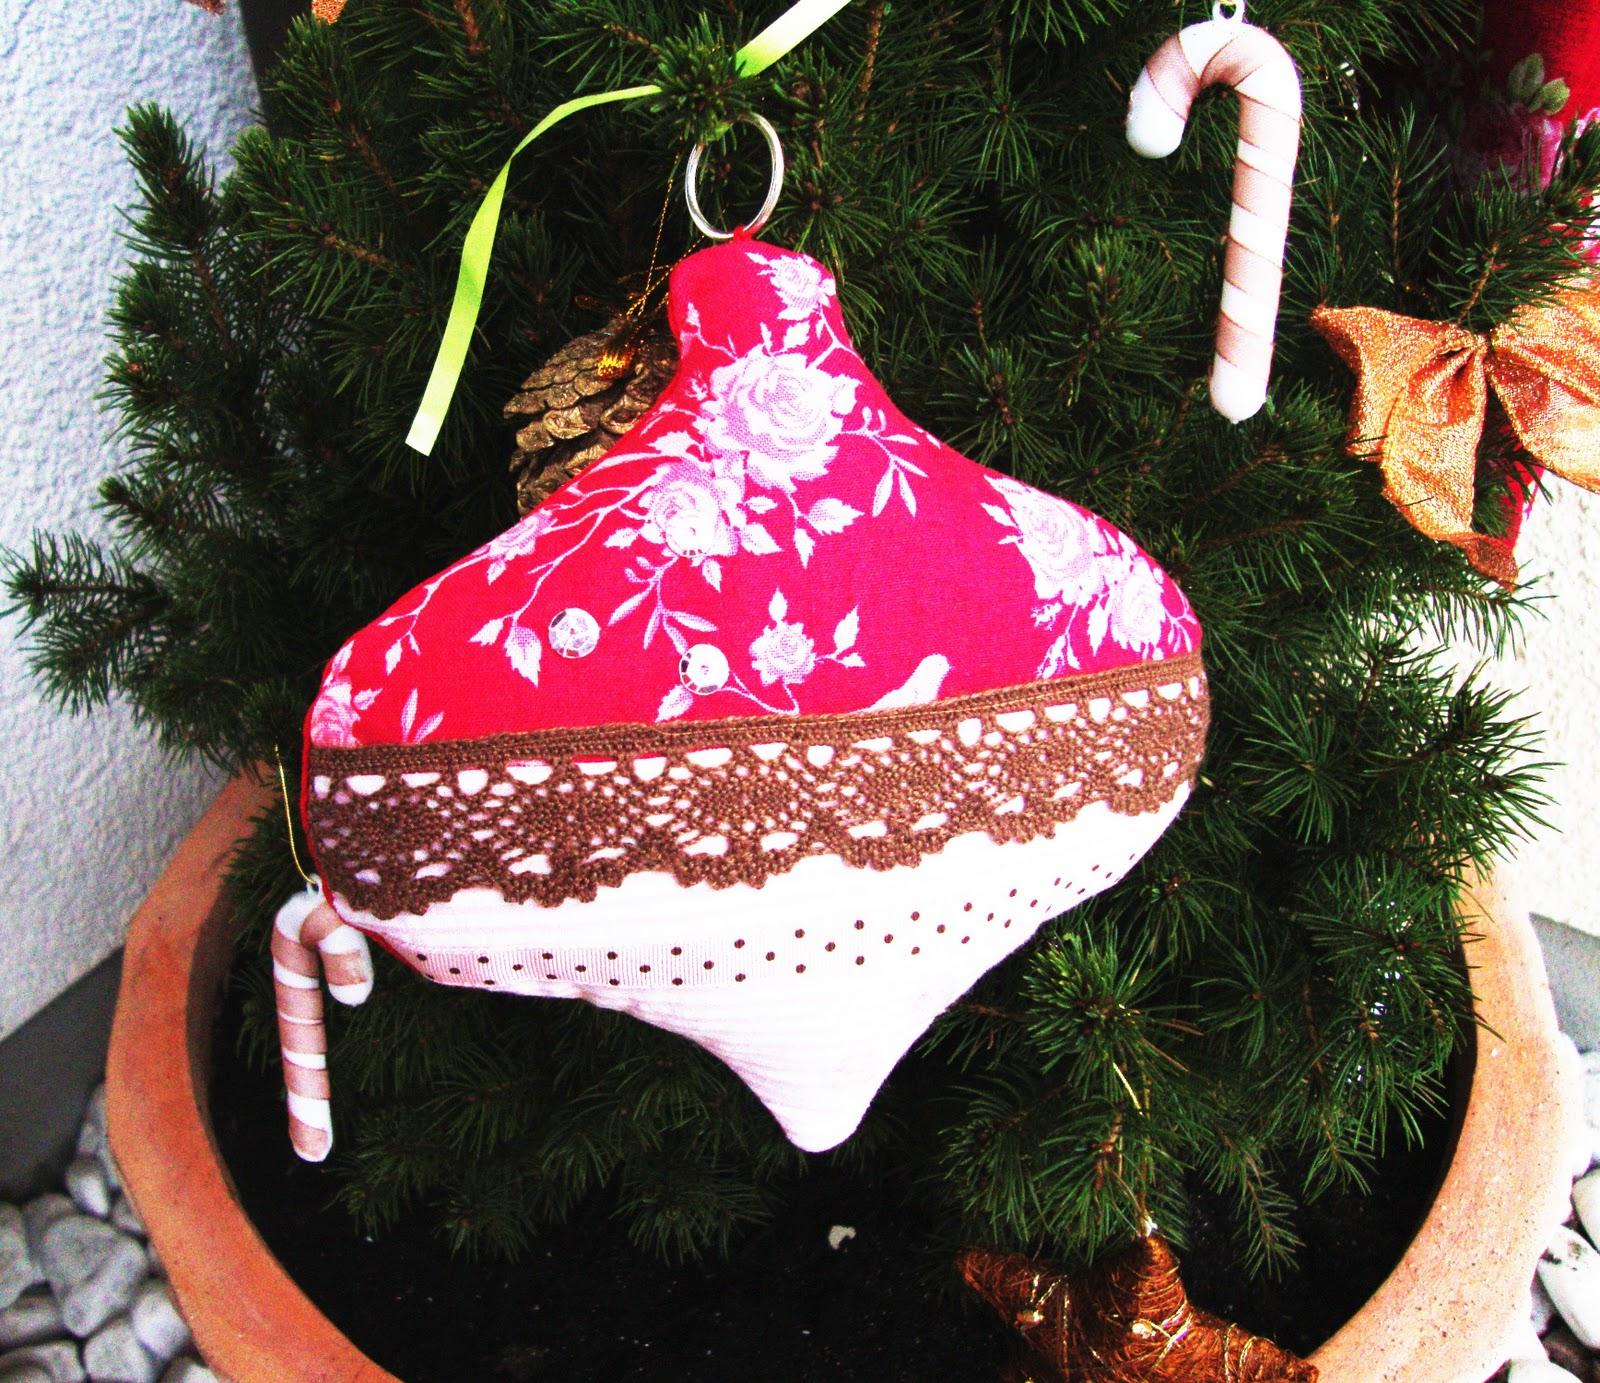 Die tilda s chtigen nostalgische weihnachtskugeln for Nostalgische weihnachtskugeln